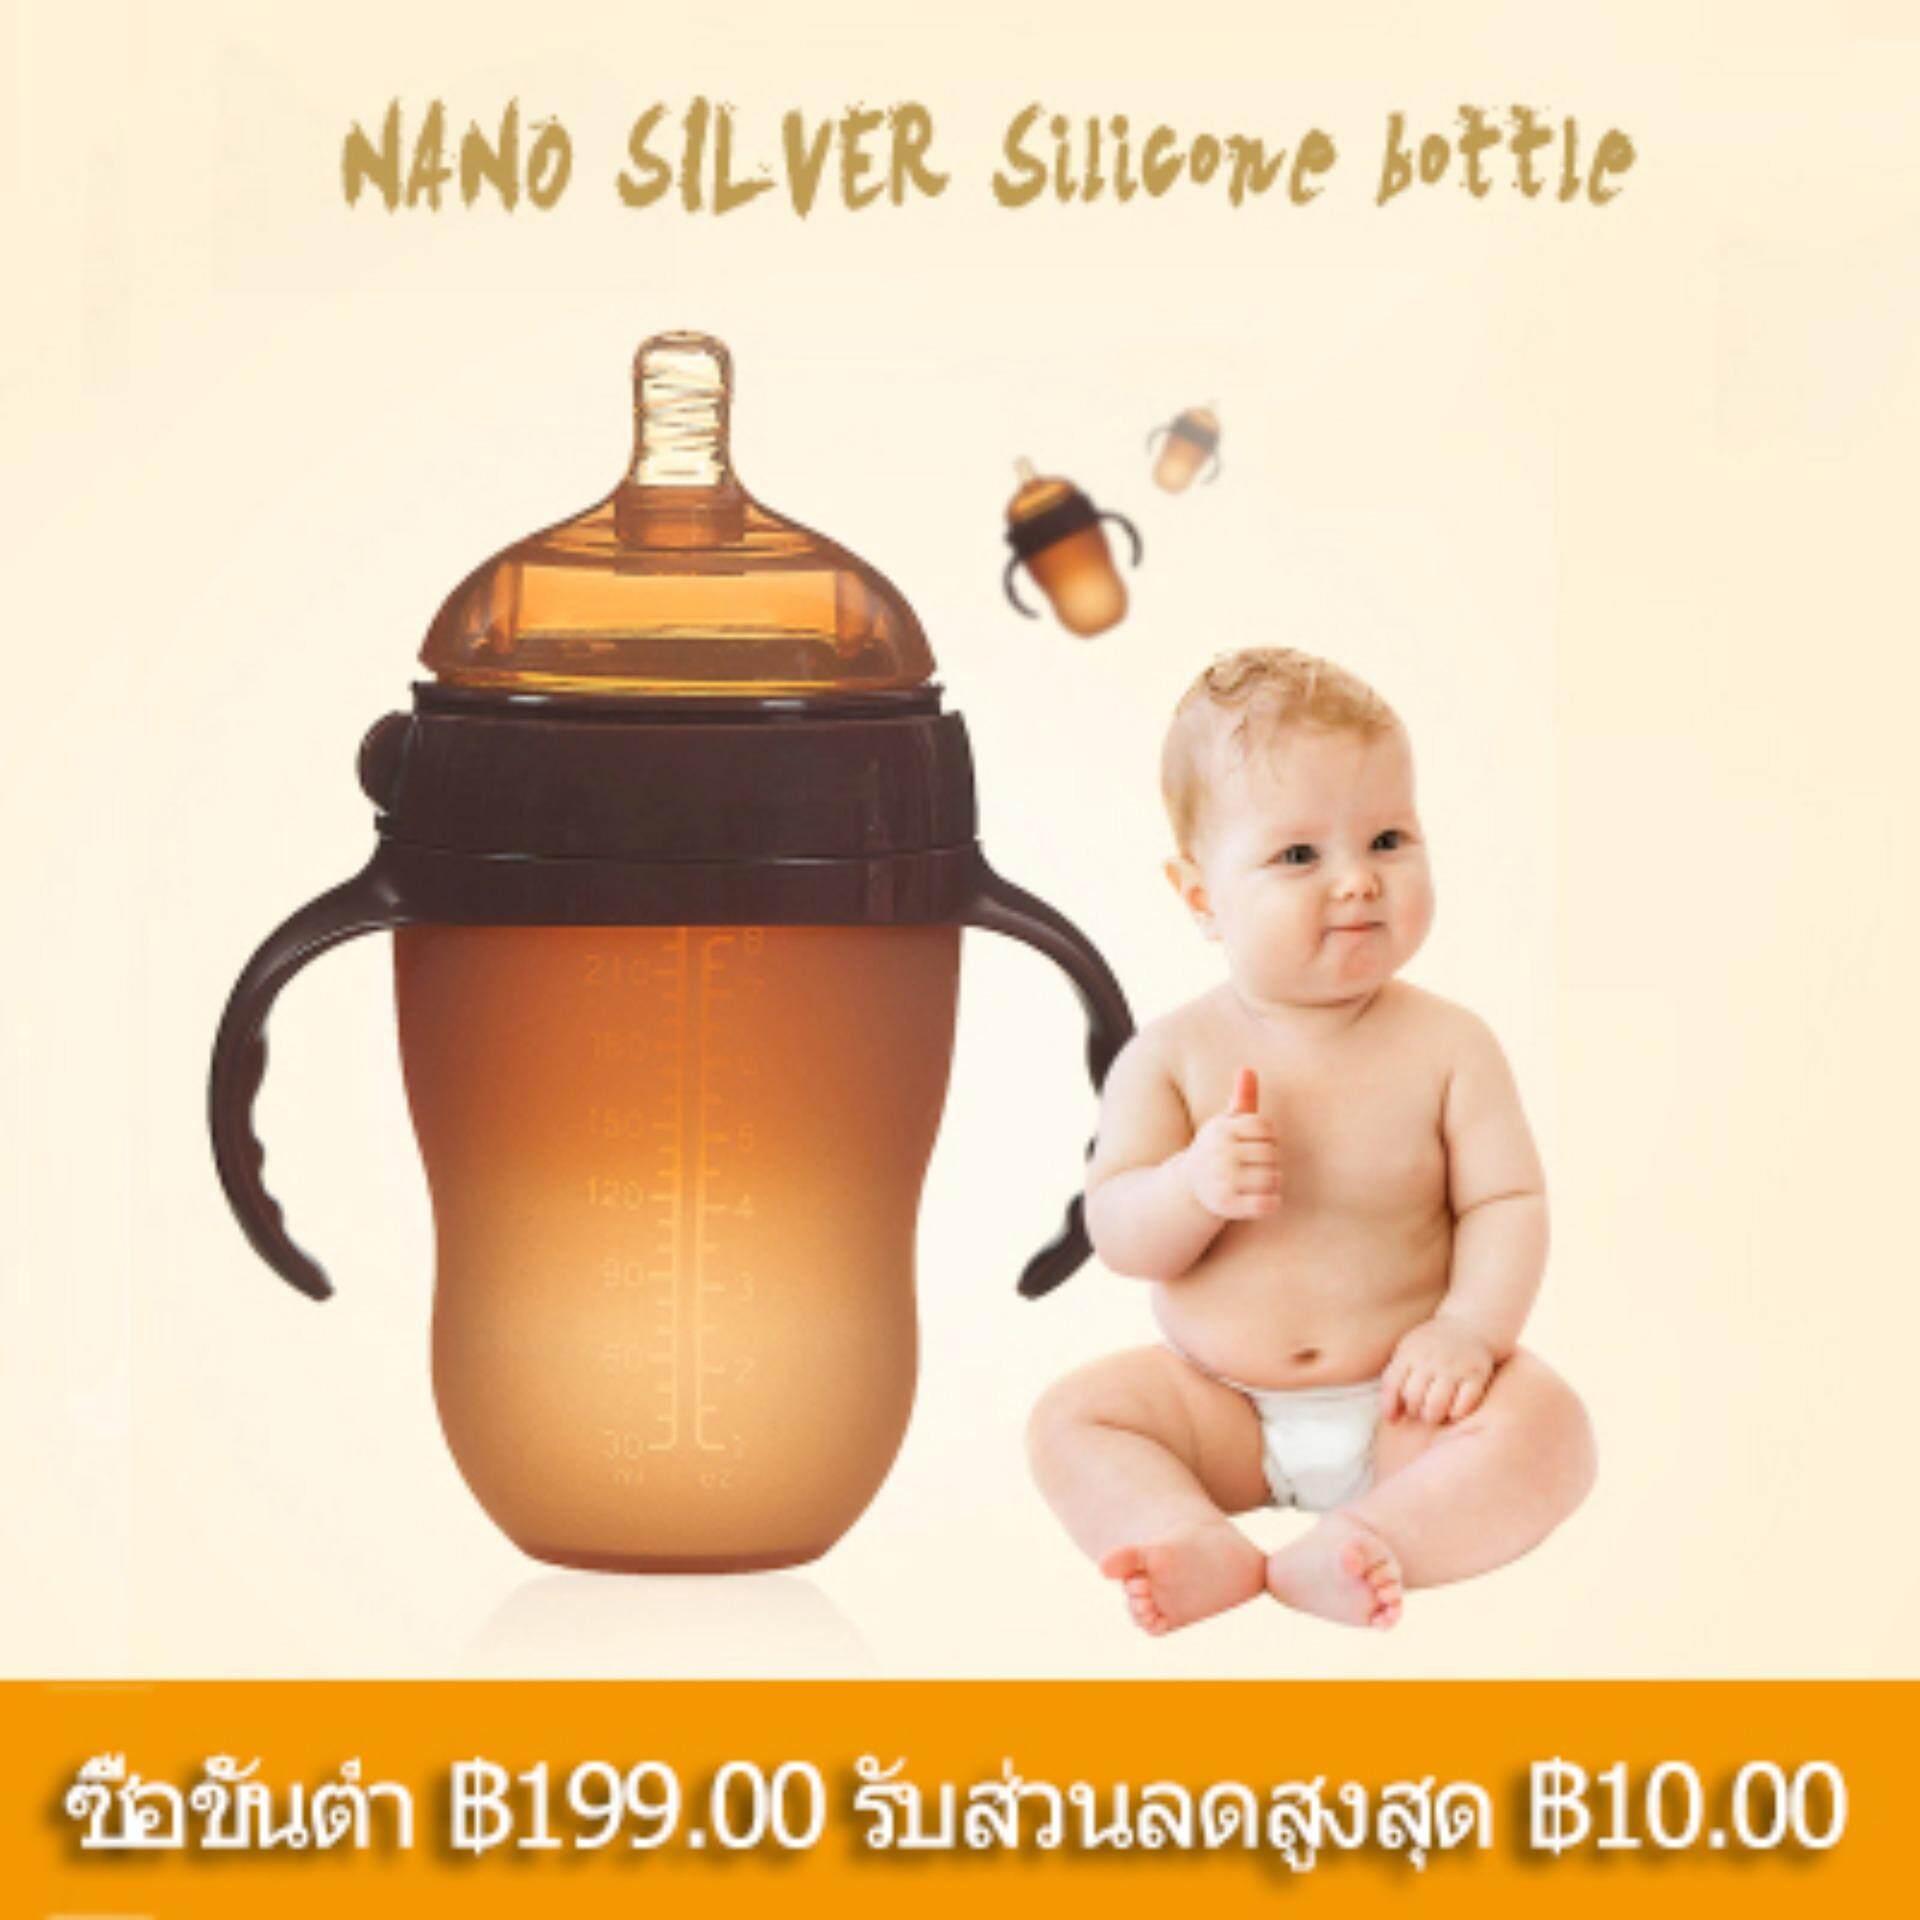 โปรโมชั่น เด็กขวดนมพร้อมจุกนมซิลิโคน nano-silver Silicone ขวดนม PP 250 มล ทรงคอกว้าง พร้อมจุกนมเสมือนนมมารดา Baby Feeding Bottle